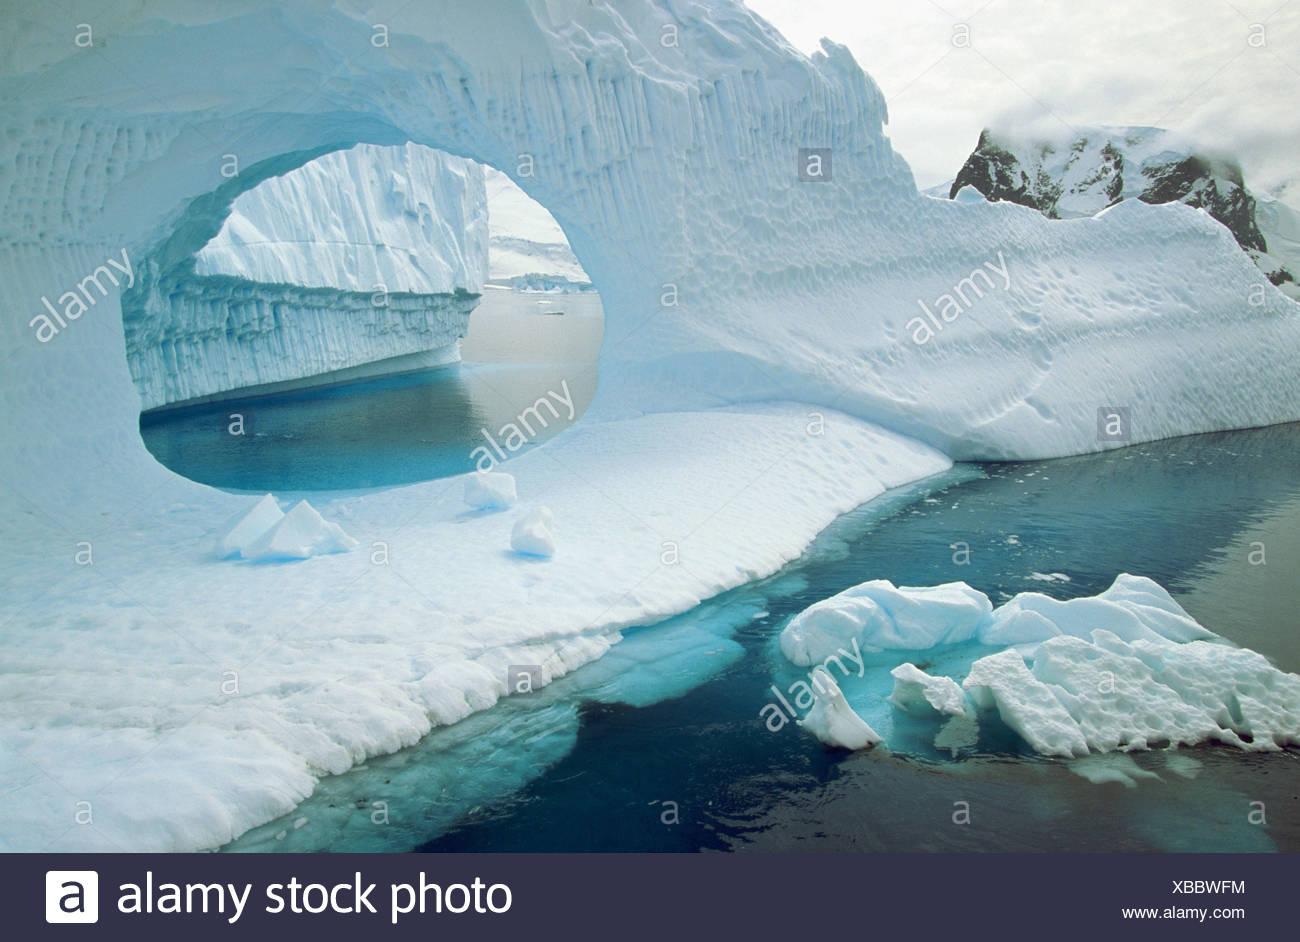 Iceberg in Andvord Bay. Antartica Stock Photo